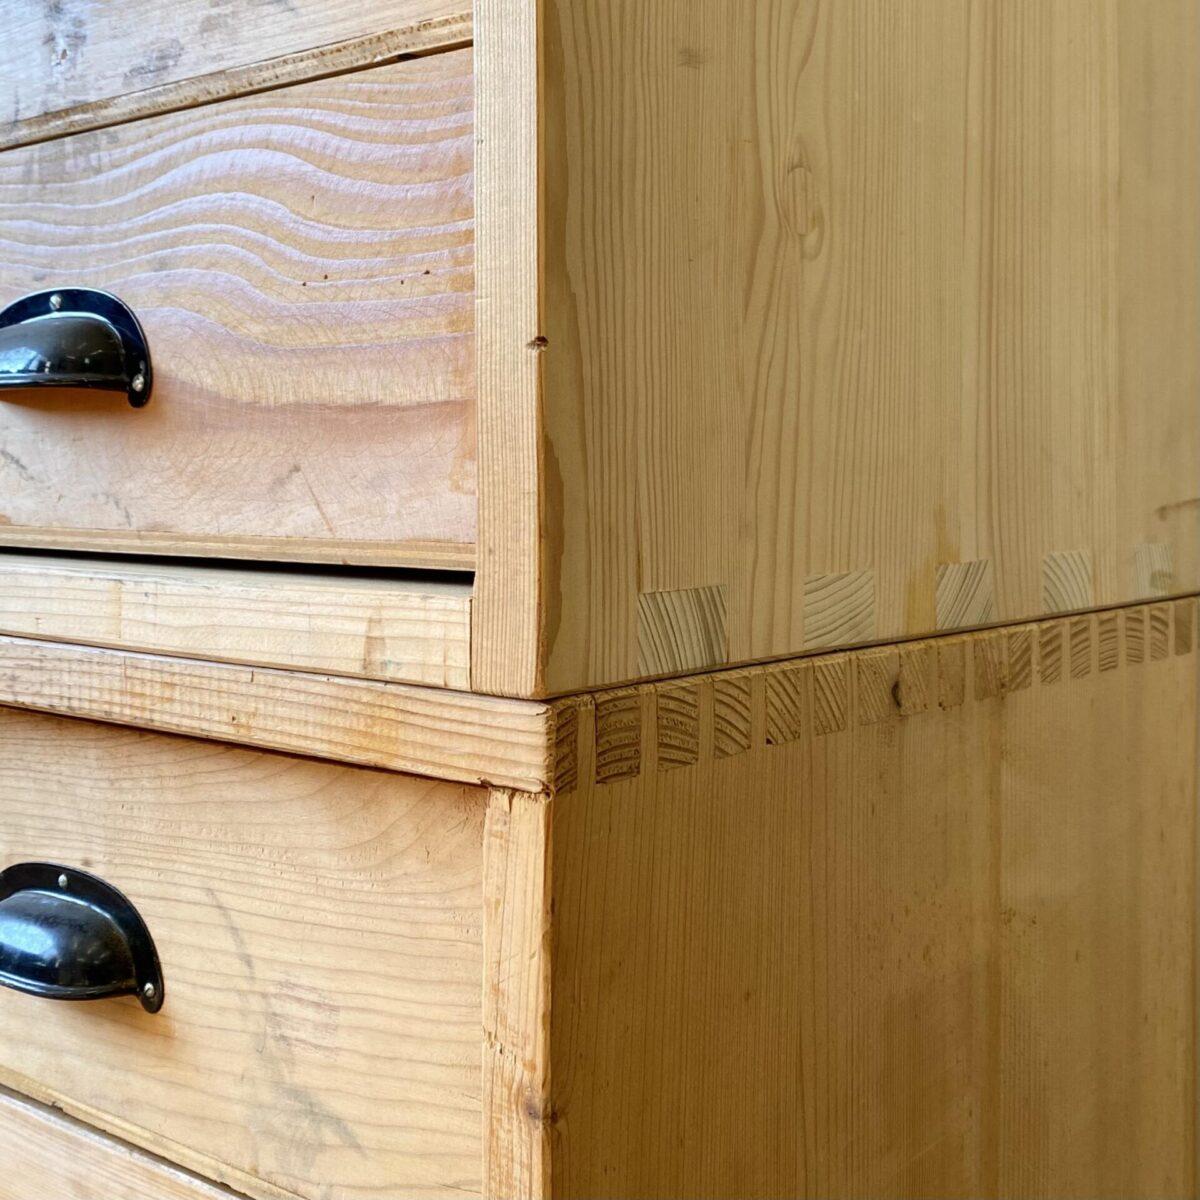 Deuxieme.shop Industrial Schubladenkorpus. Schubladen Elemente aus Tannenholz mit Muschelgriffen. 100x59.5cm Höhe 50cm. Preis pro Stück. Die Eckverbindungen der Schubladenmöbel sind Keilverzinkt, und allgemein recht robust gebaut. An den Ecken und Kanten sind die Möbel etwas Werkstatt mässig verbraucht, die Schubladen laufen gut.